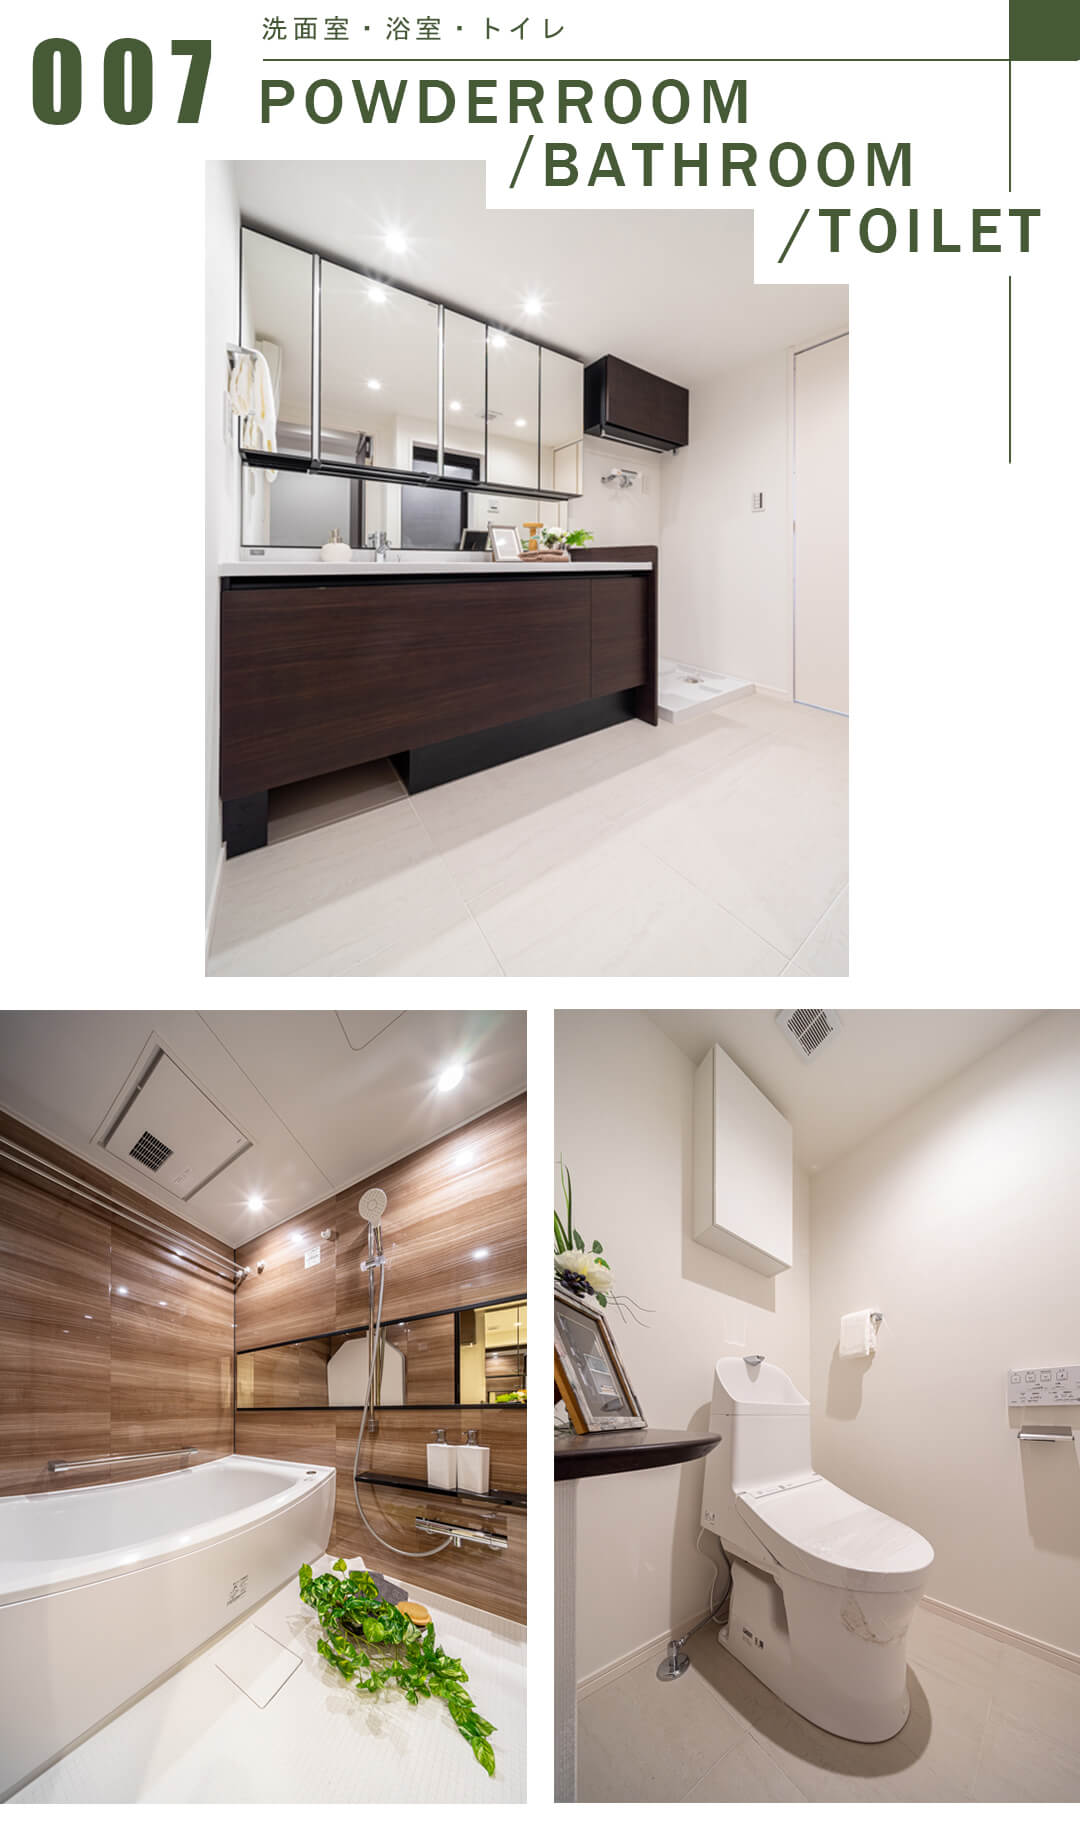 秀和四谷パークサイドレジデンスの洗面室と浴室とトイレ